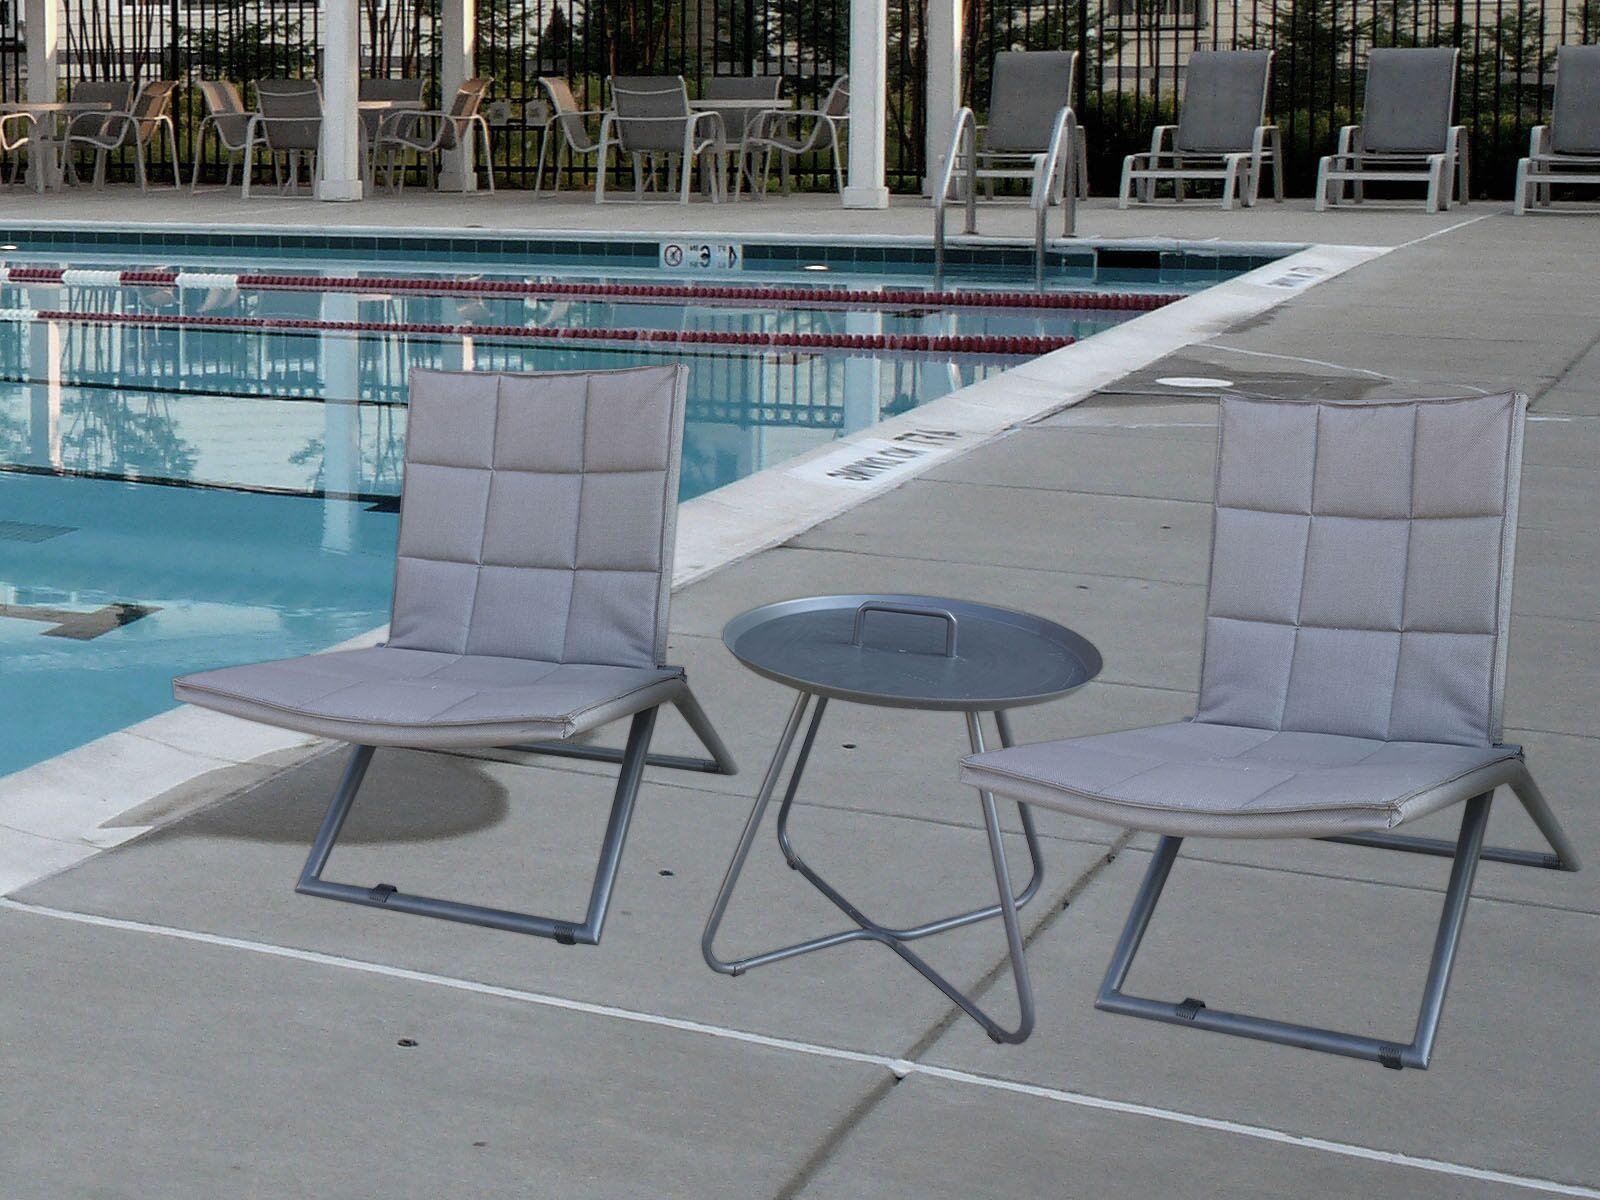 Cespedes 3 Piece Conversation Set with Cushions